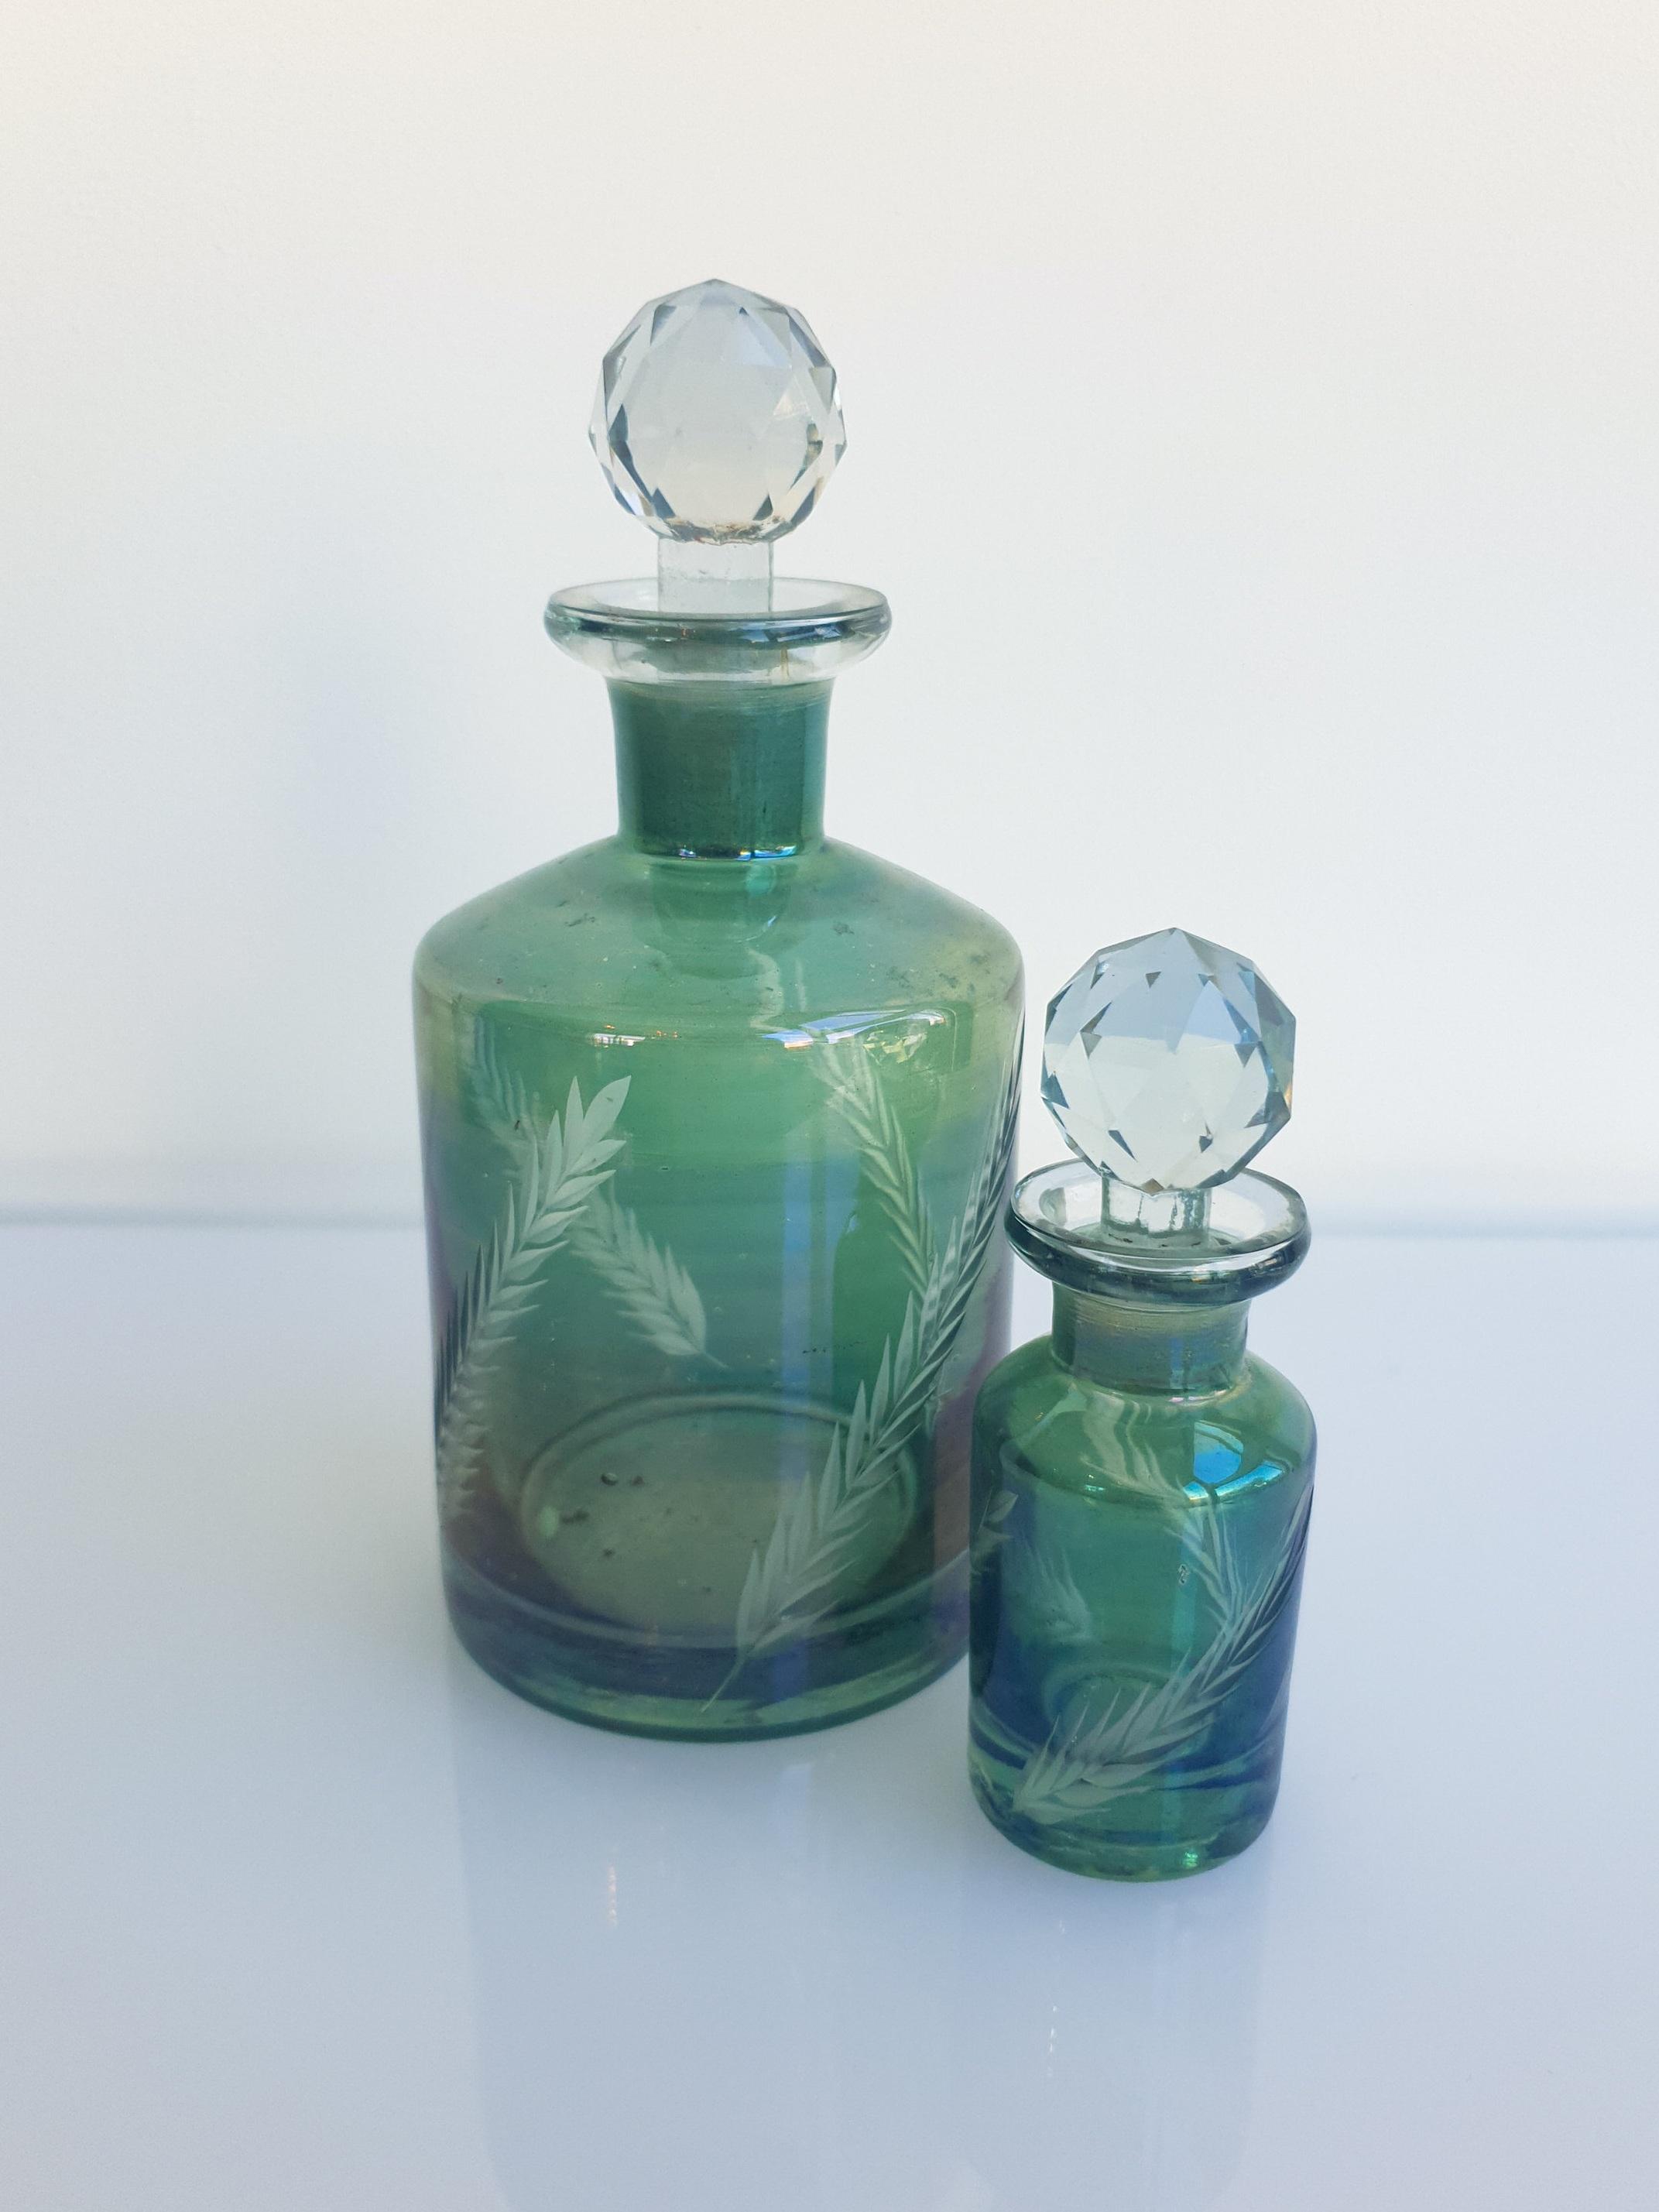 GREEN GLASS PERFUME BOTTLE  SMALL $3+GST TALL $5+GST